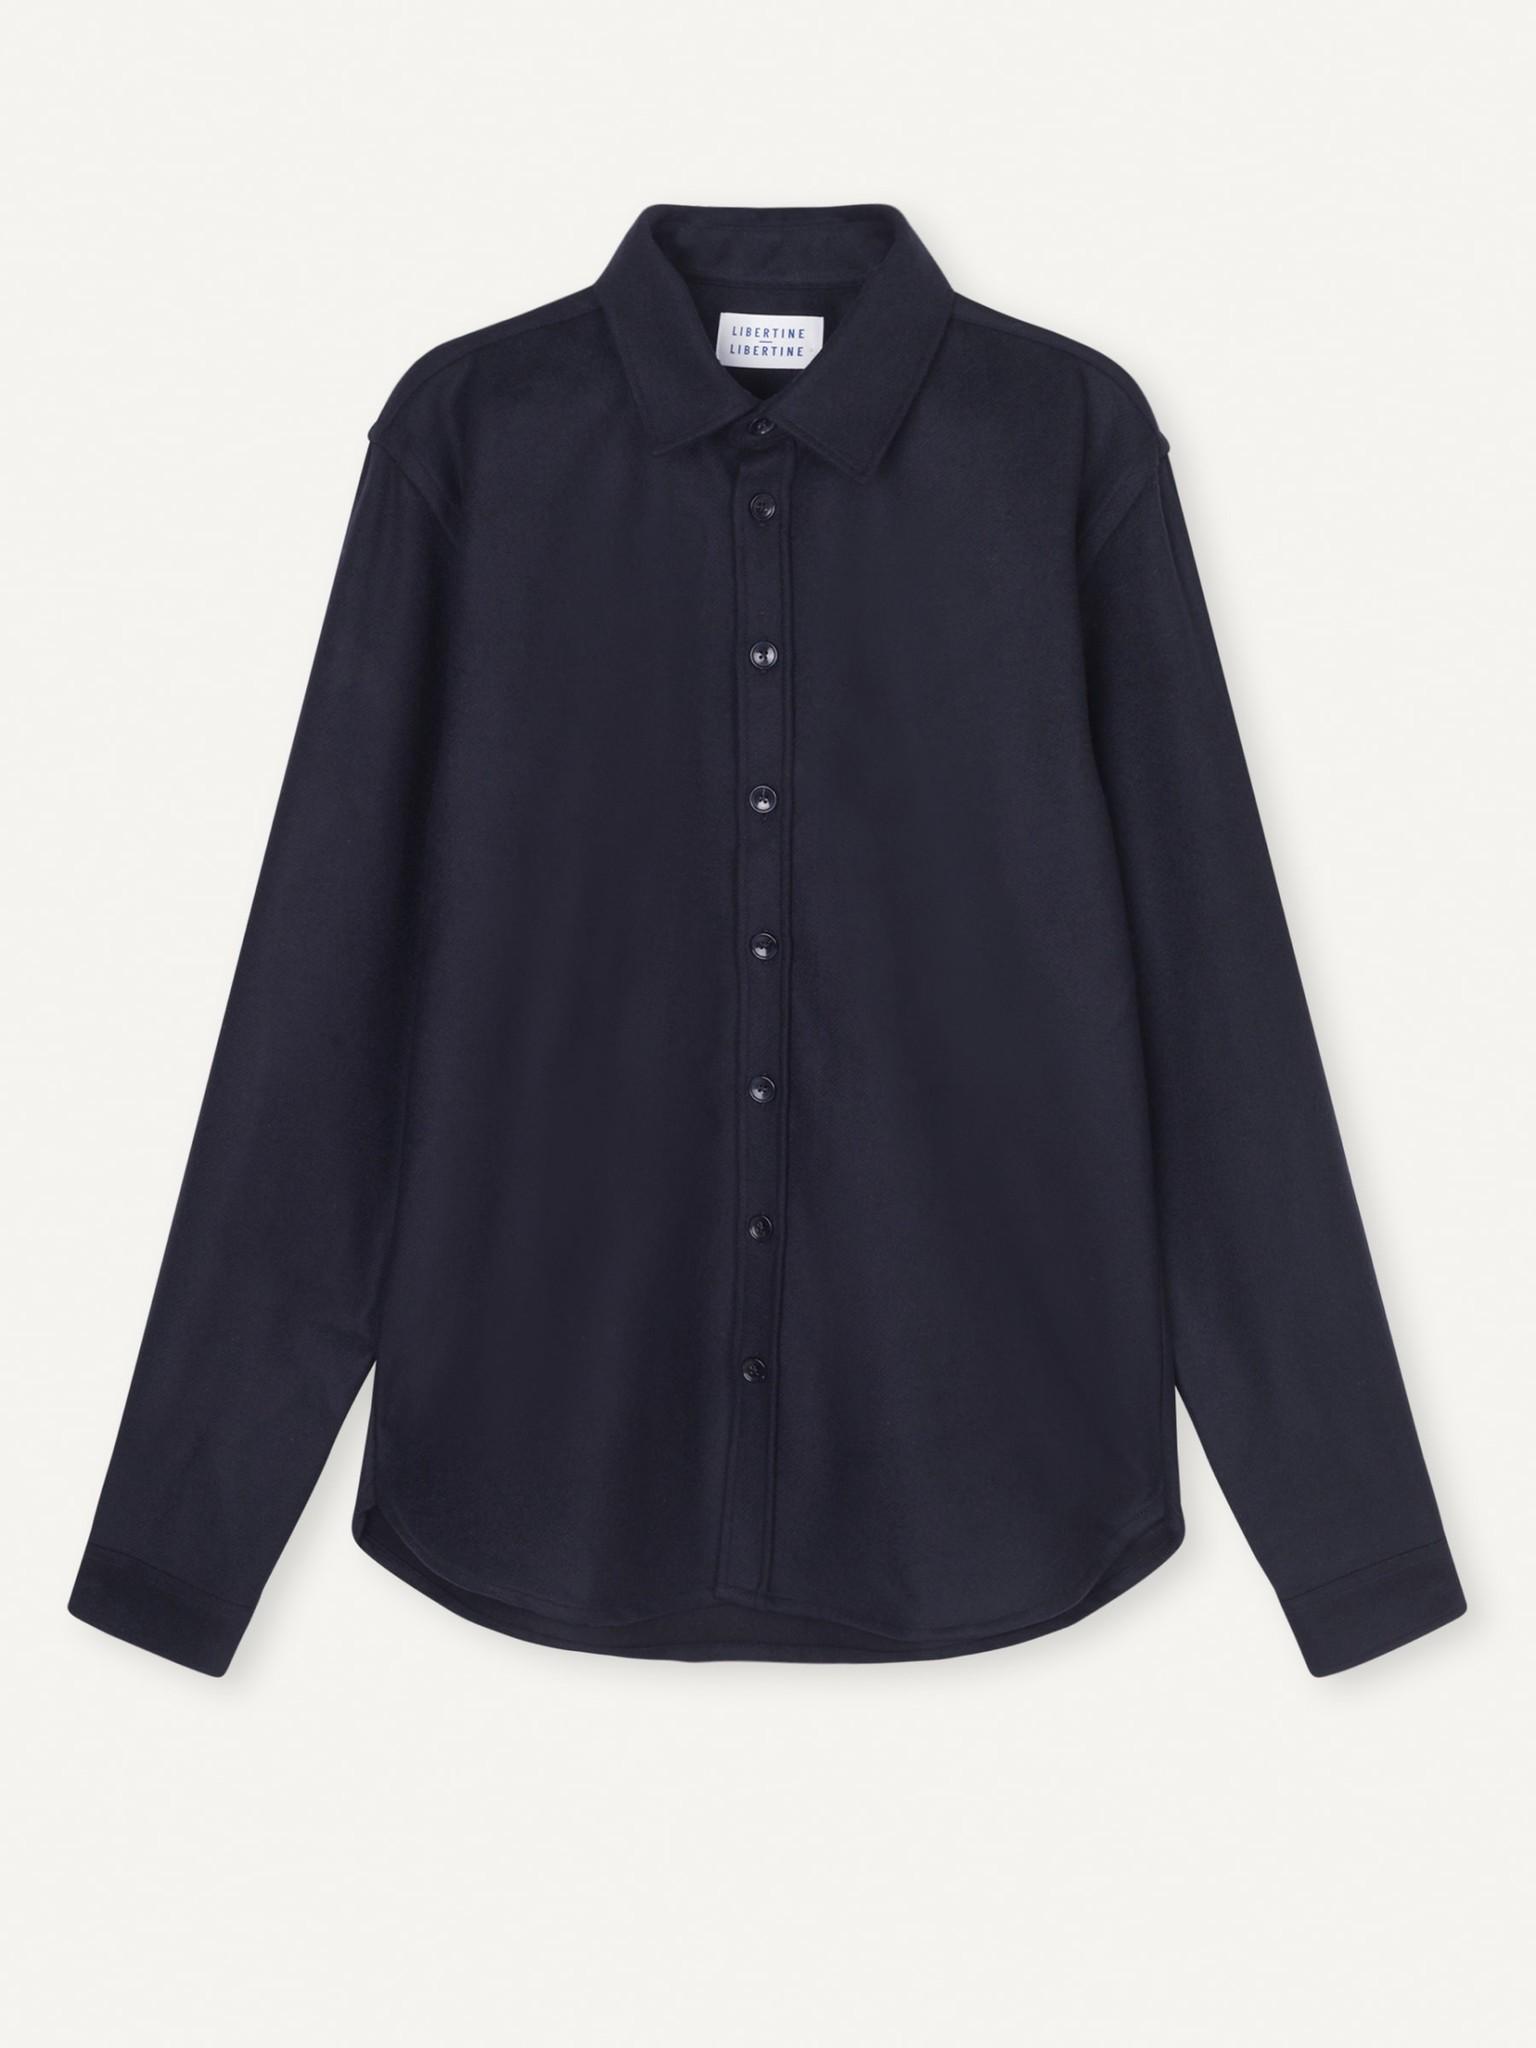 Babylon Donker Blauw Shirt Heren-1